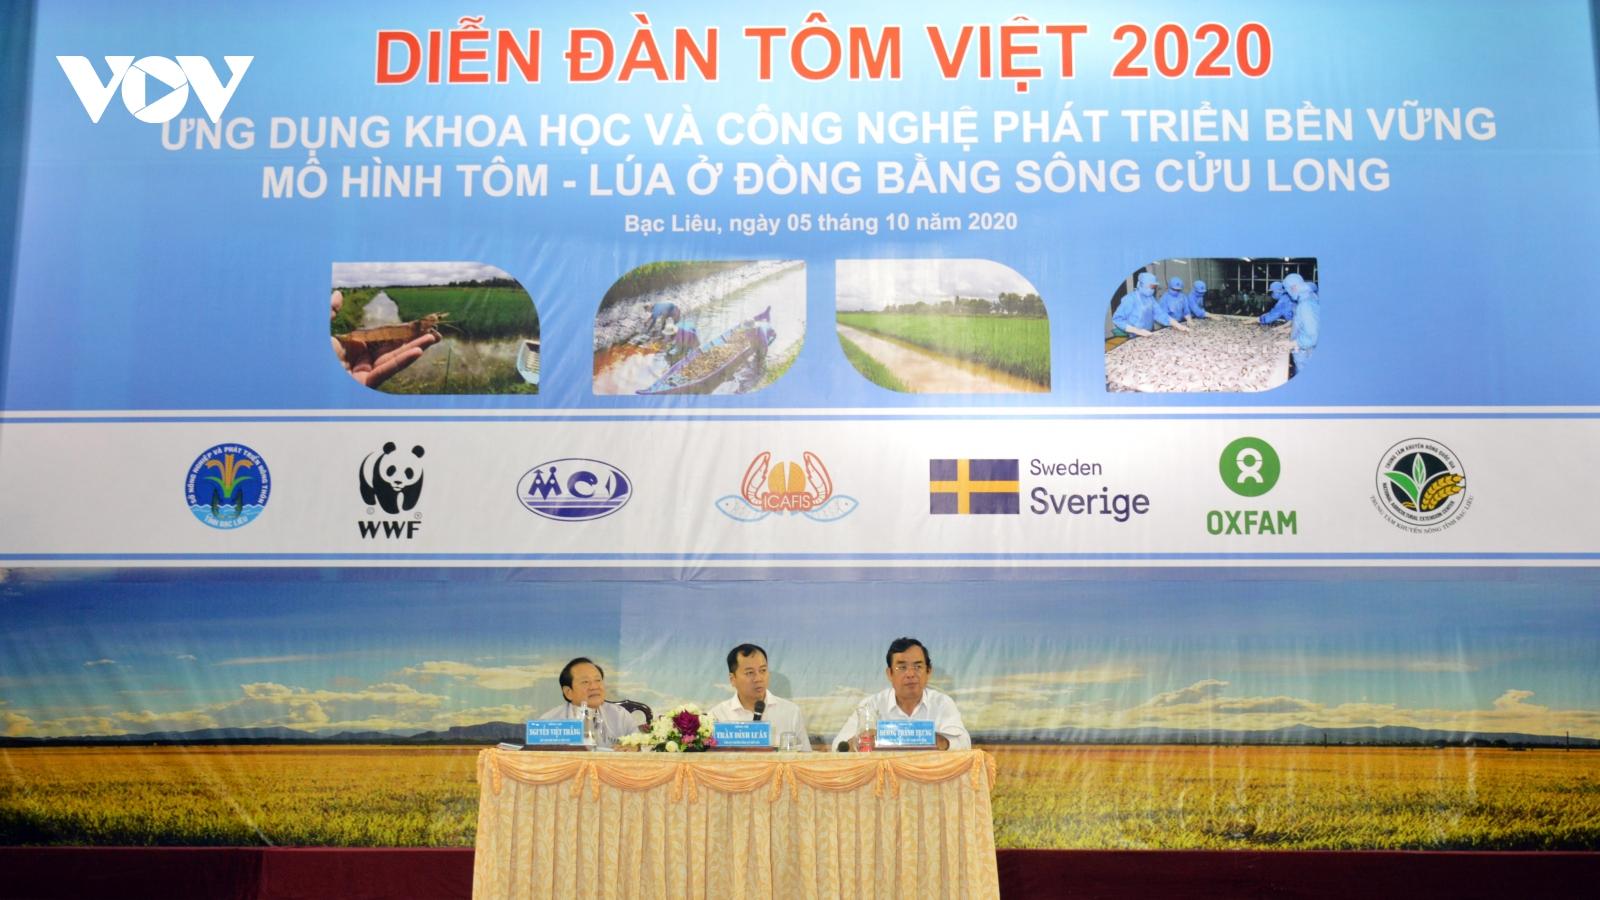 Mô hình tôm lúa mang lại thu nhập cao, trung bình đạt 60-70 triệu đồng/ha/năm